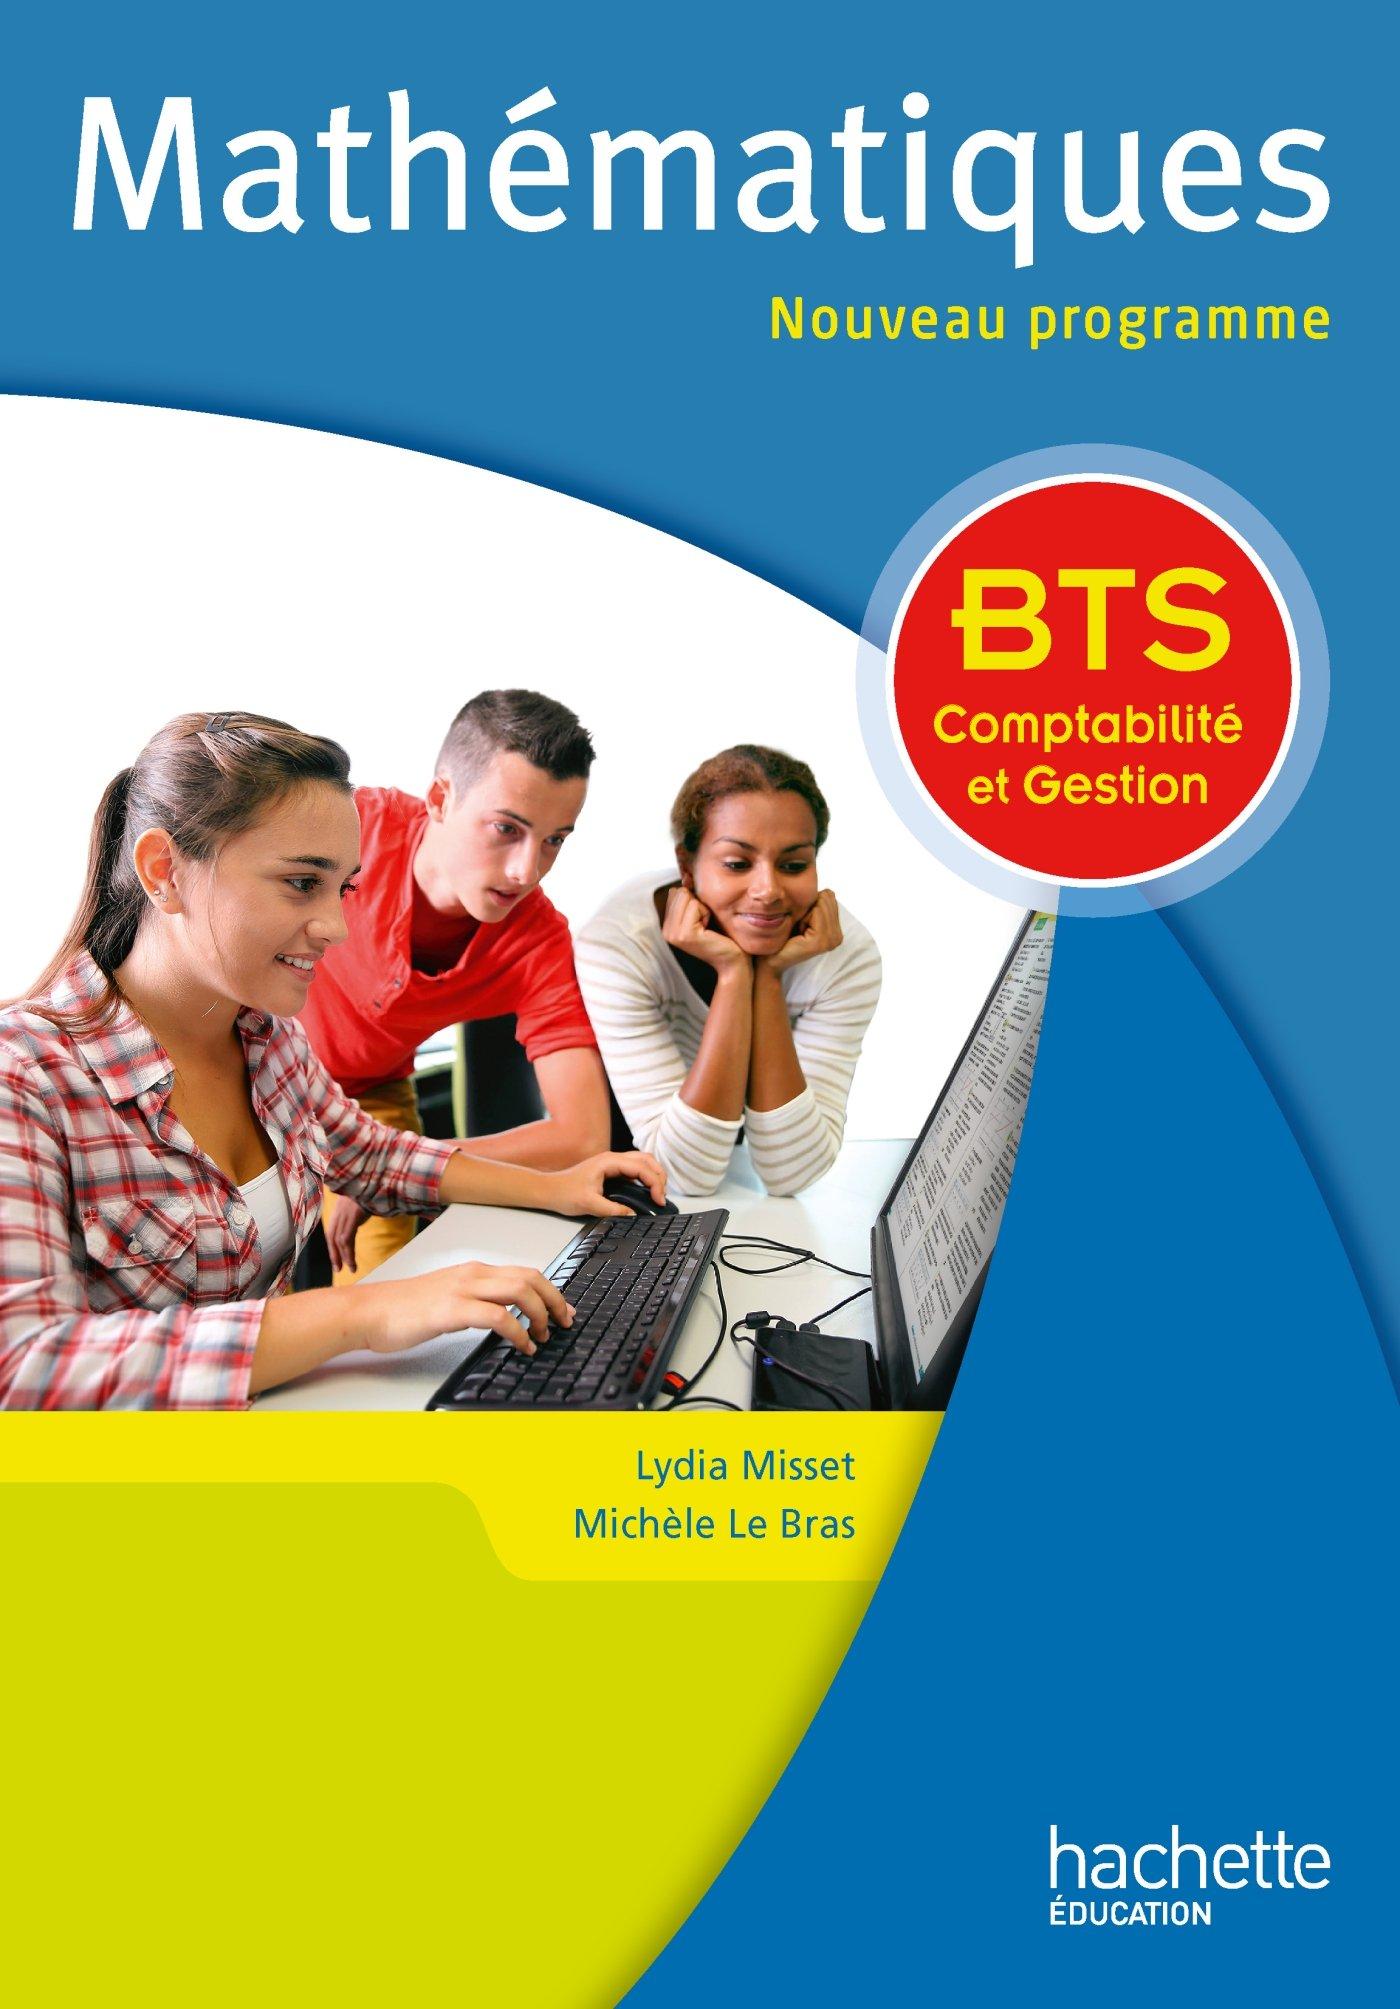 Maths BTS comptabilité et gestion - Livre de l'élève - Ed. 2015 Broché – 29 avril 2015 Lydia Misset Michèle Le Bras Hachette Éducation 2013999143